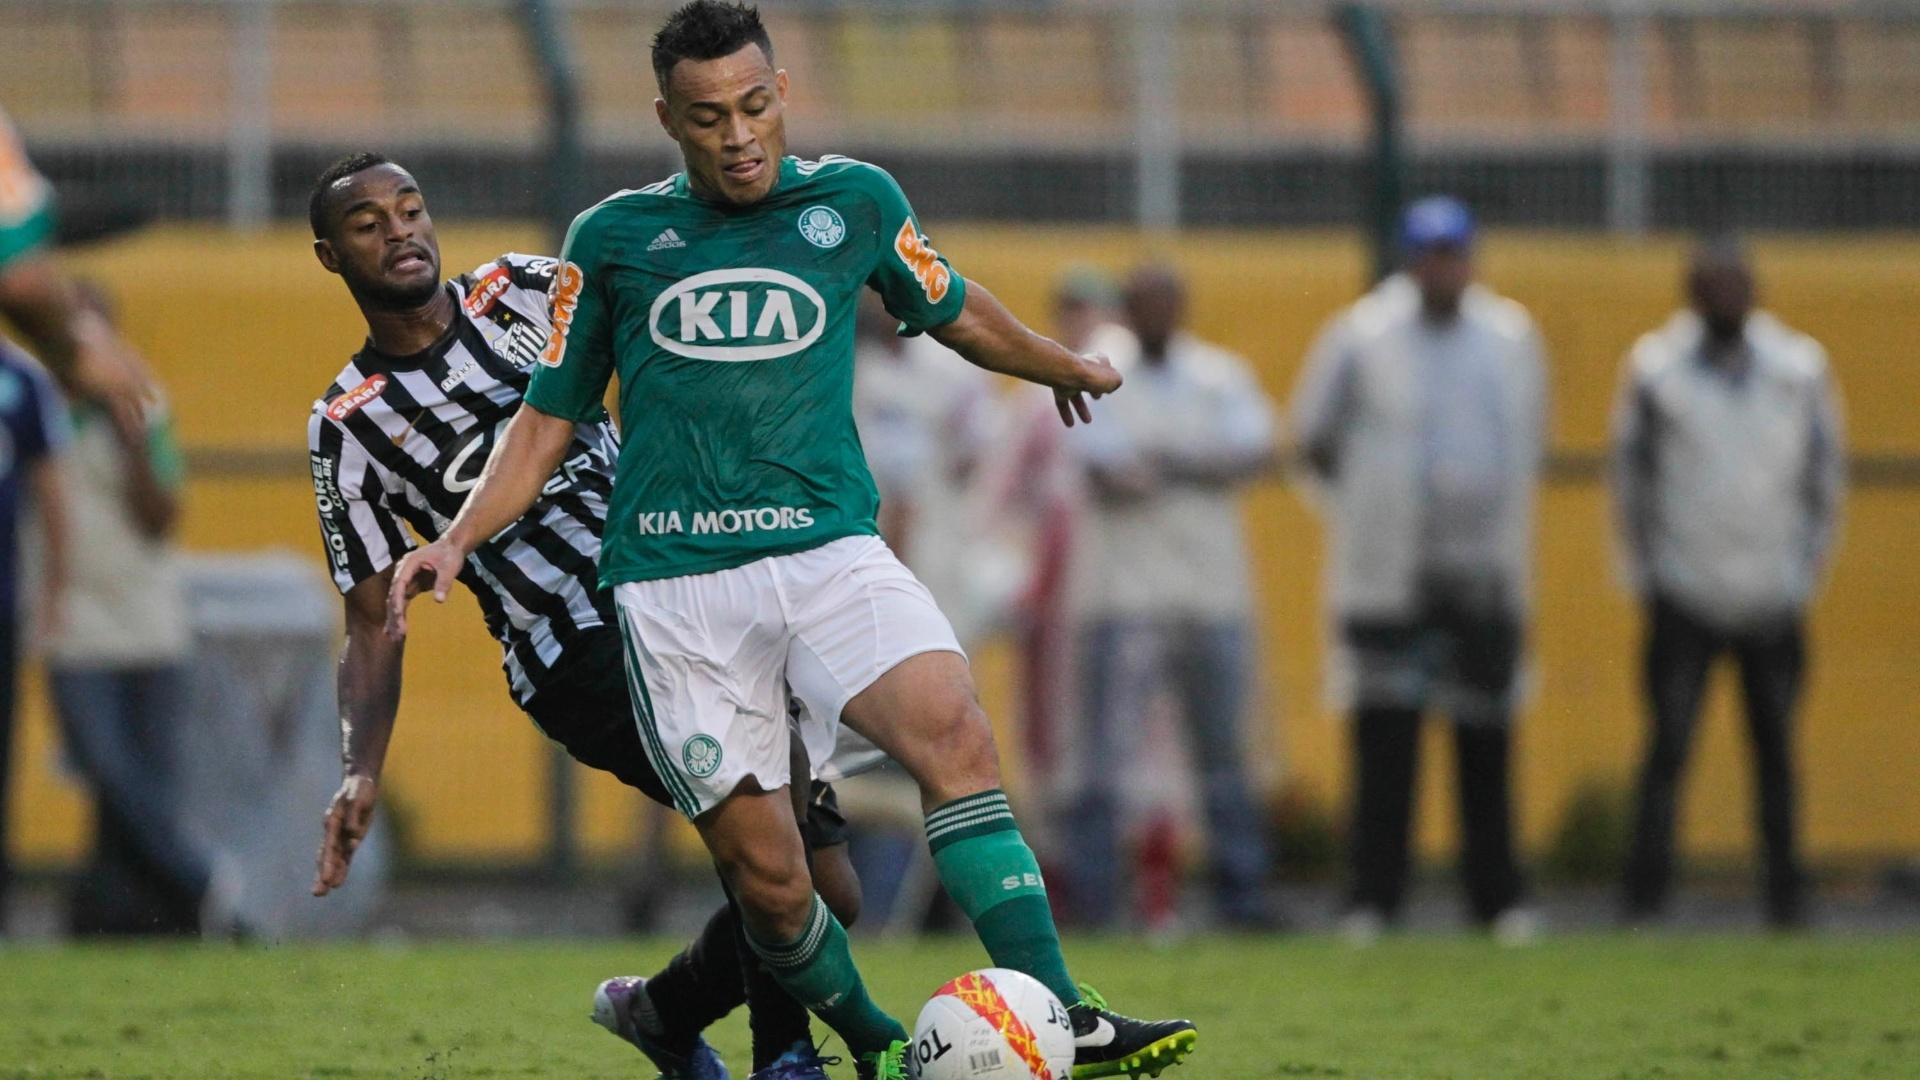 Com contusão no tornozelo, Palmeiras perde Léo Gago por 3 meses